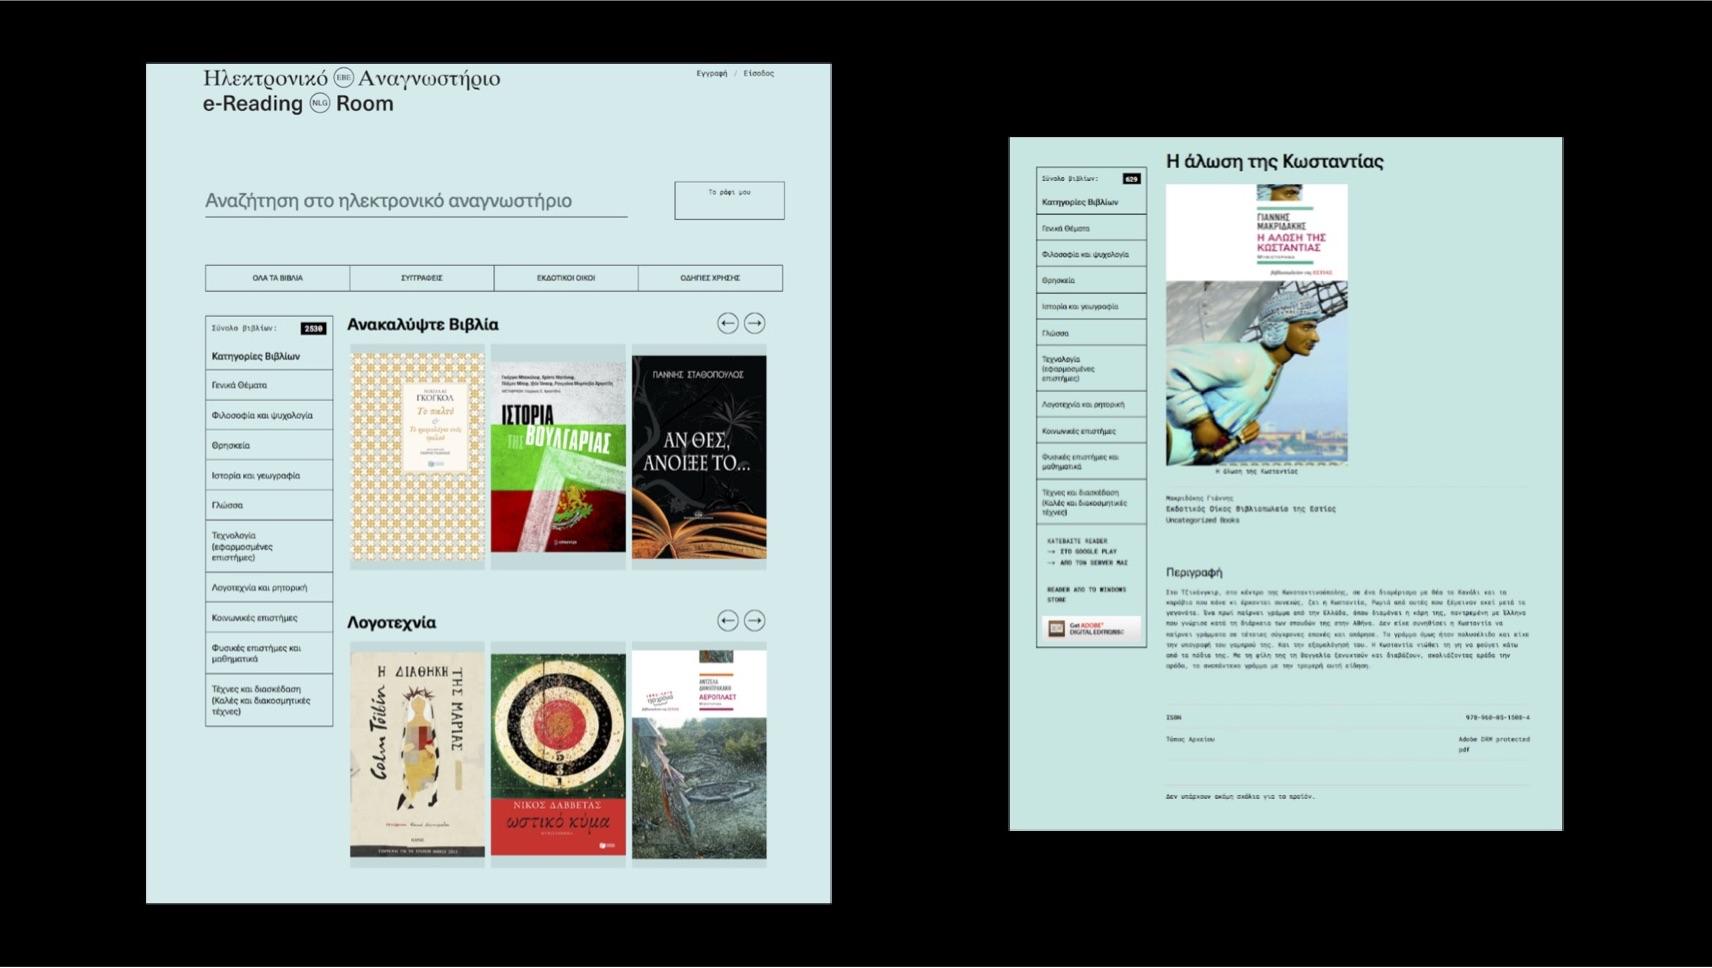 """""""Ηλεκτρονικό Αναγνωστήριο"""", η υπηρεσία δανεισμού ebooks που ανακοίνωσε η Εθνική Βιβλιοθήκη"""